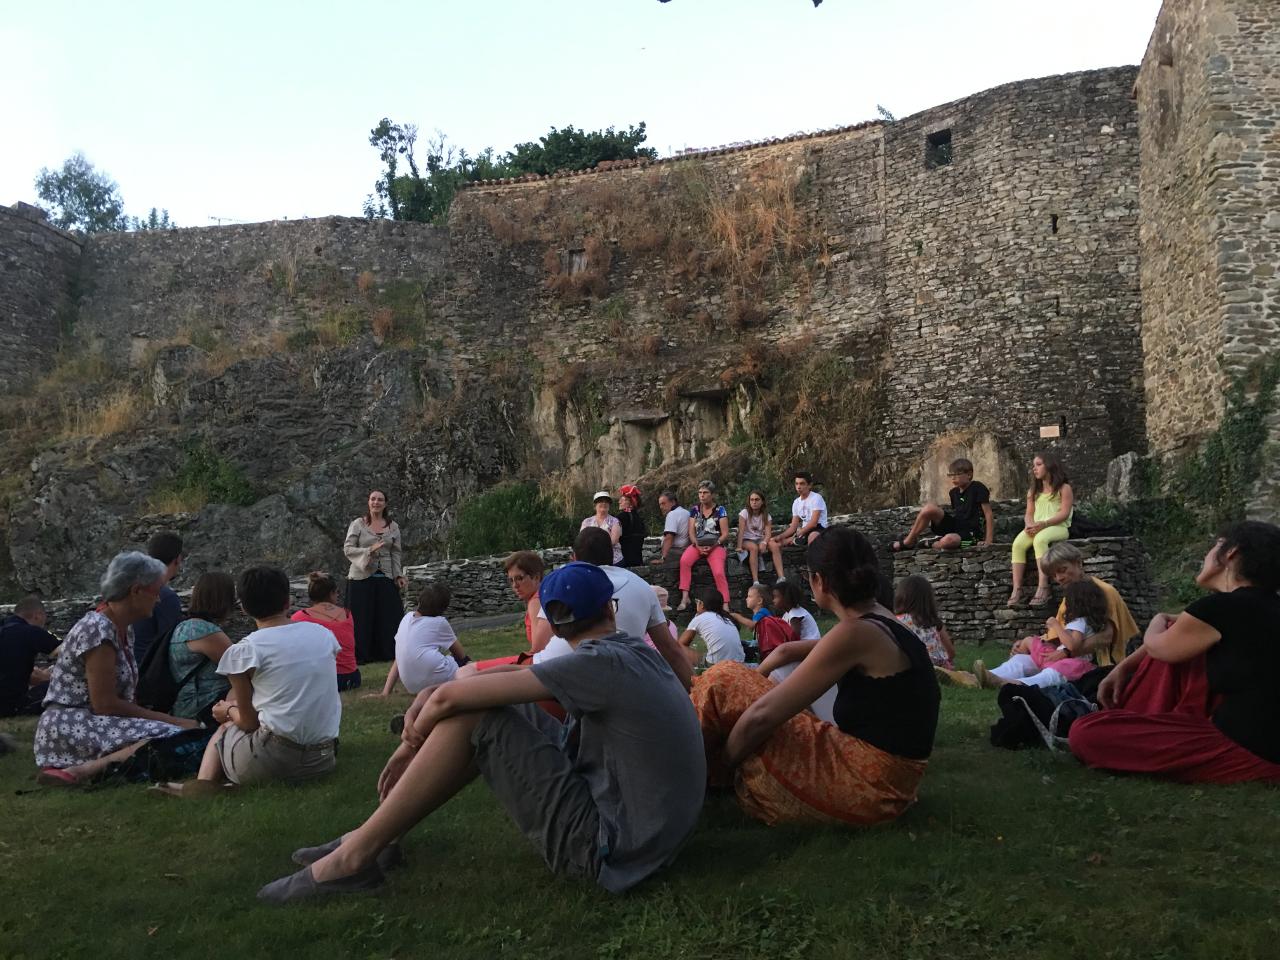 Photo 1: Soirée contée : cité médiévale de Vouvant